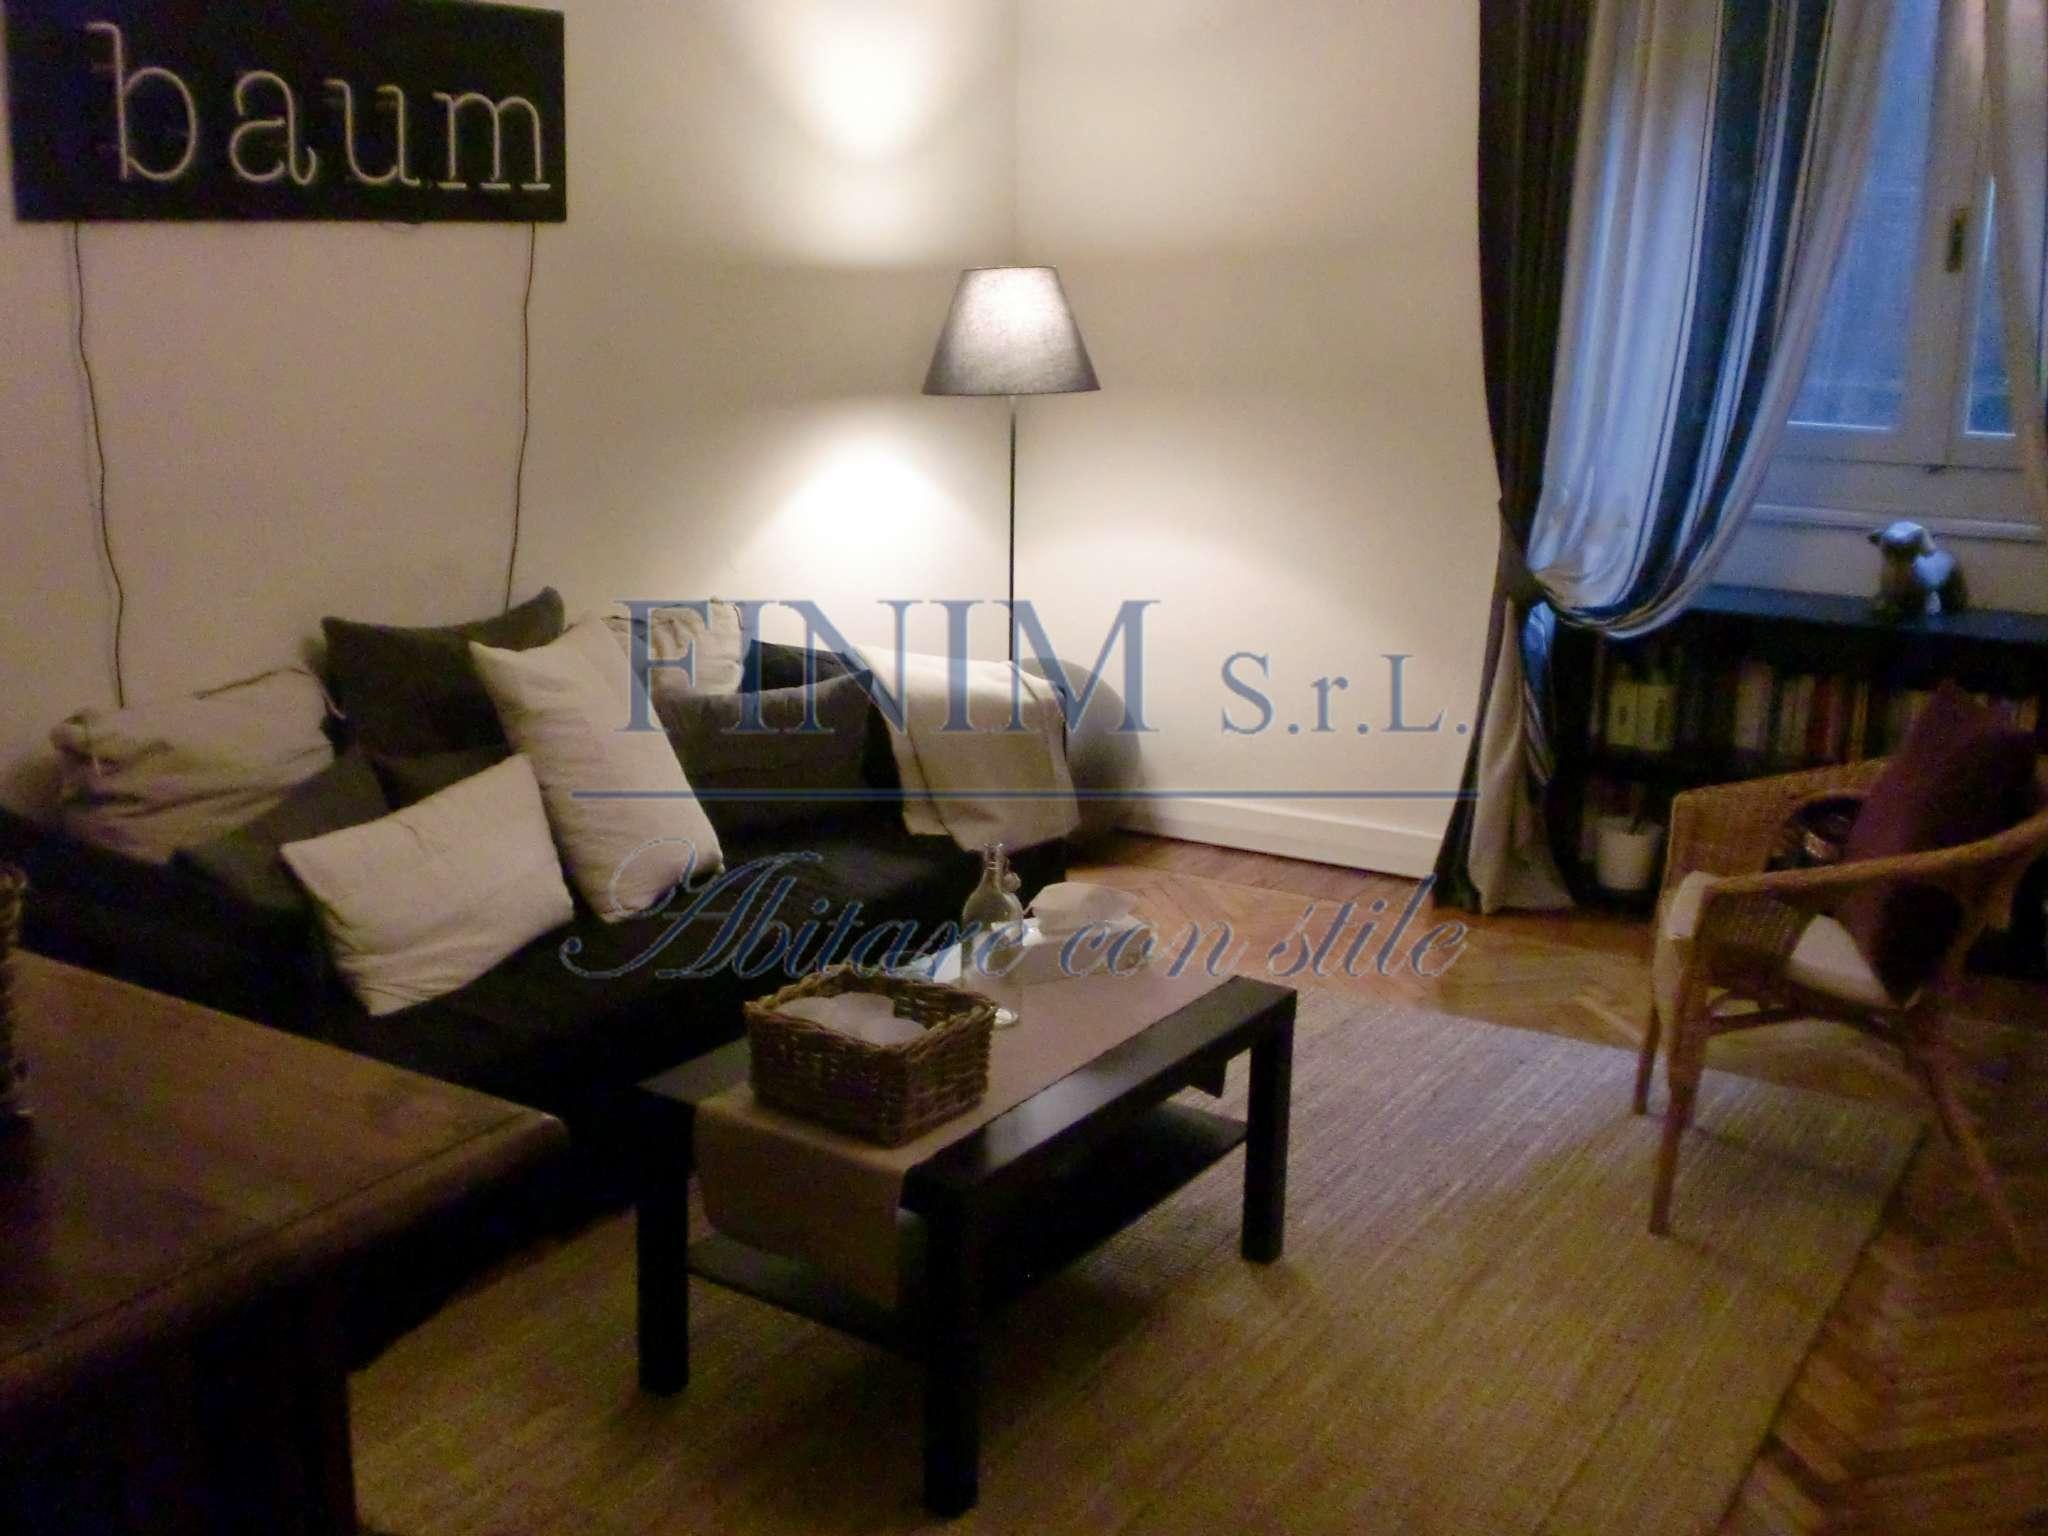 Ufficio-studio in Vendita a Milano 16 Savona / San Cristoforo / Napoli / Coni Zugna: 3 locali, 93 mq